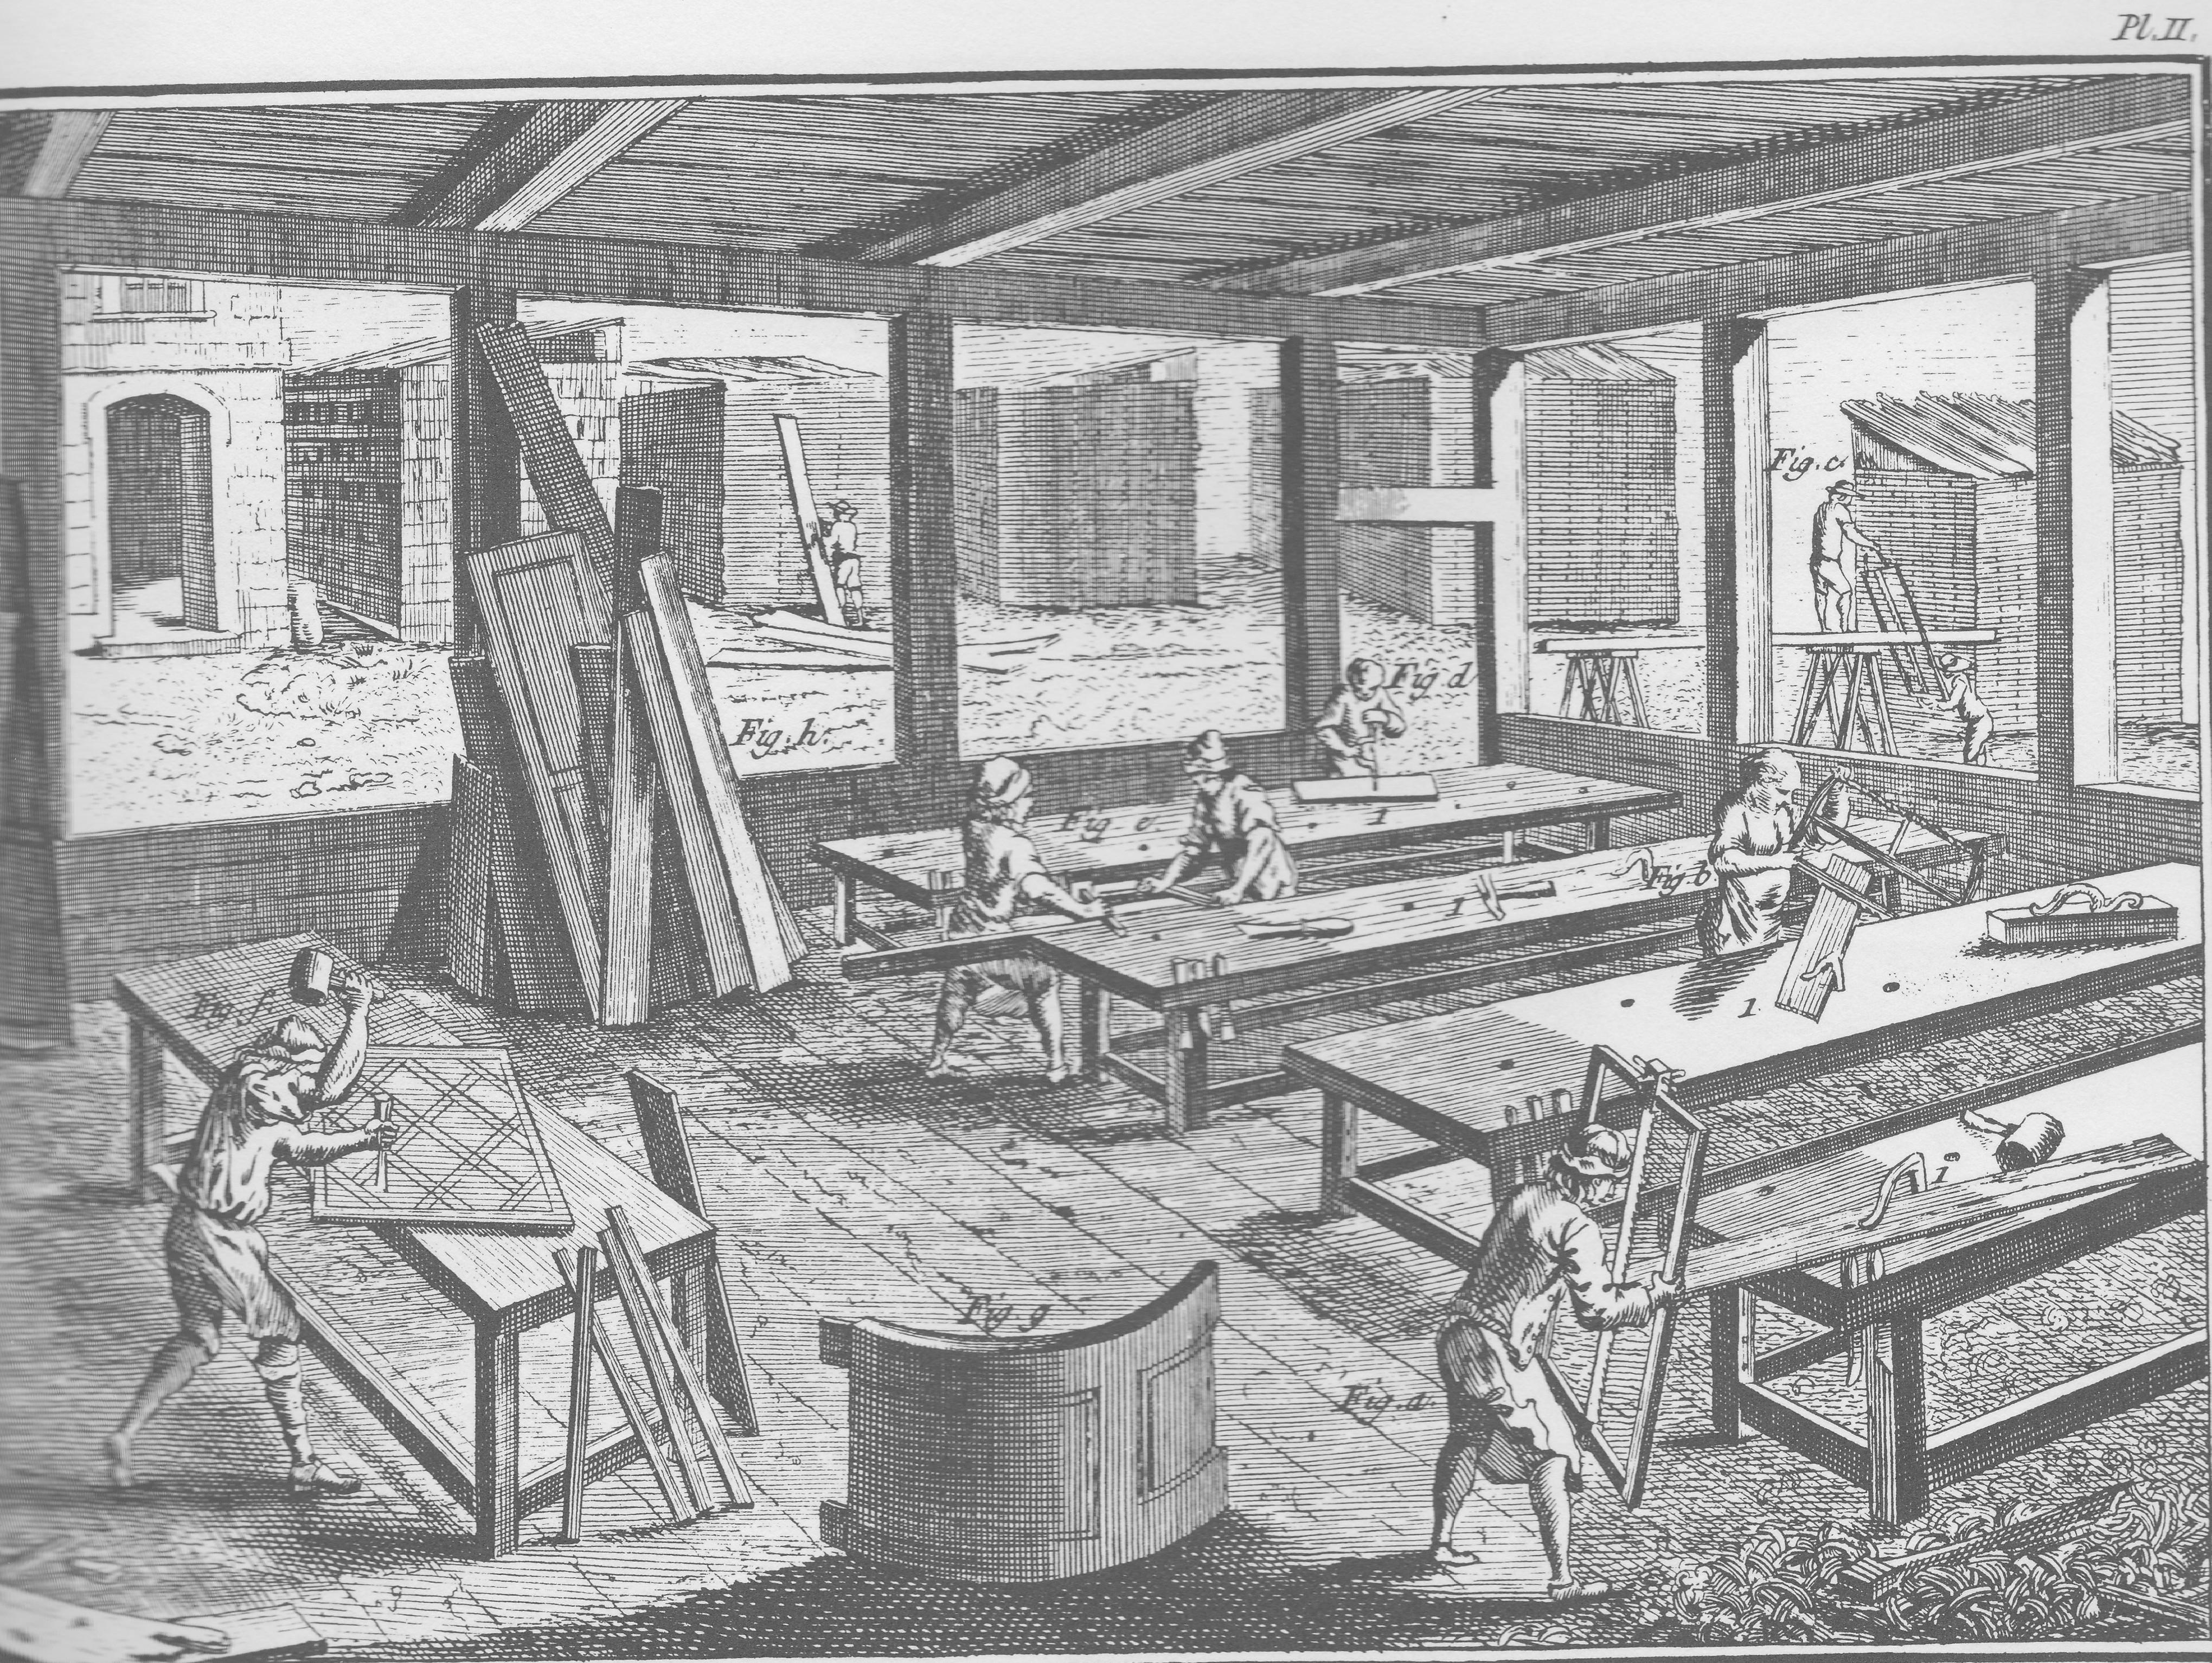 Roubo workbench | A Woodworker\u0027s Musings